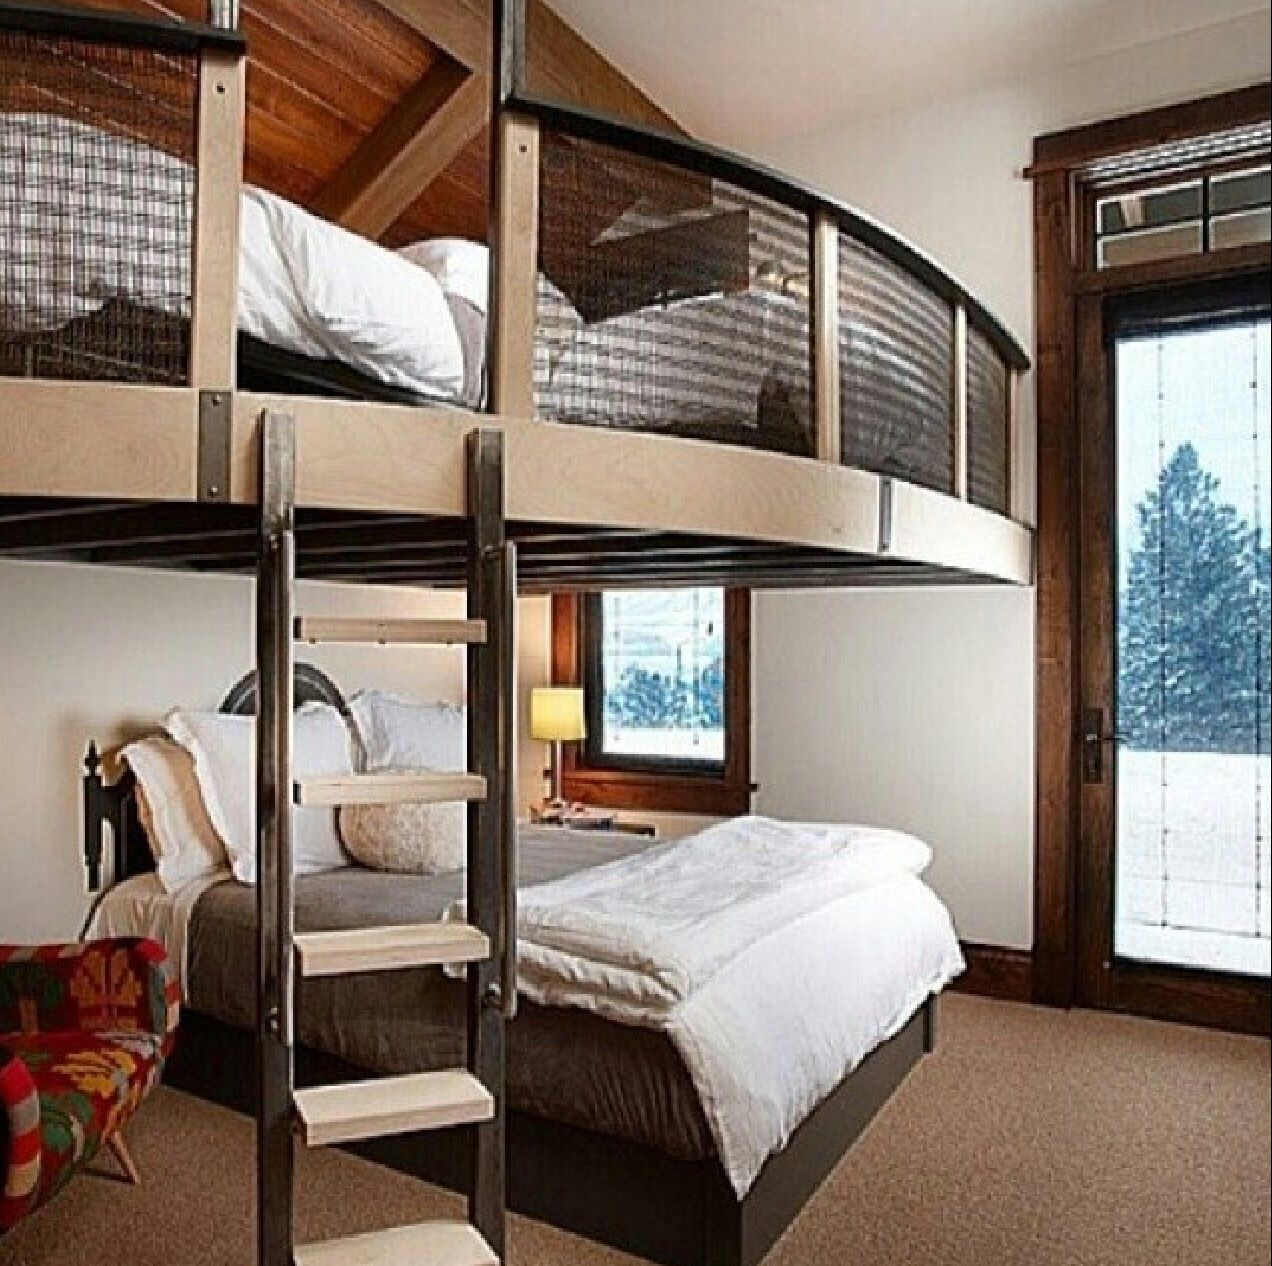 chambre d 39 invit s avec deux lits home ideas pinterest lit lit mezzanine adulte et mezzanine. Black Bedroom Furniture Sets. Home Design Ideas